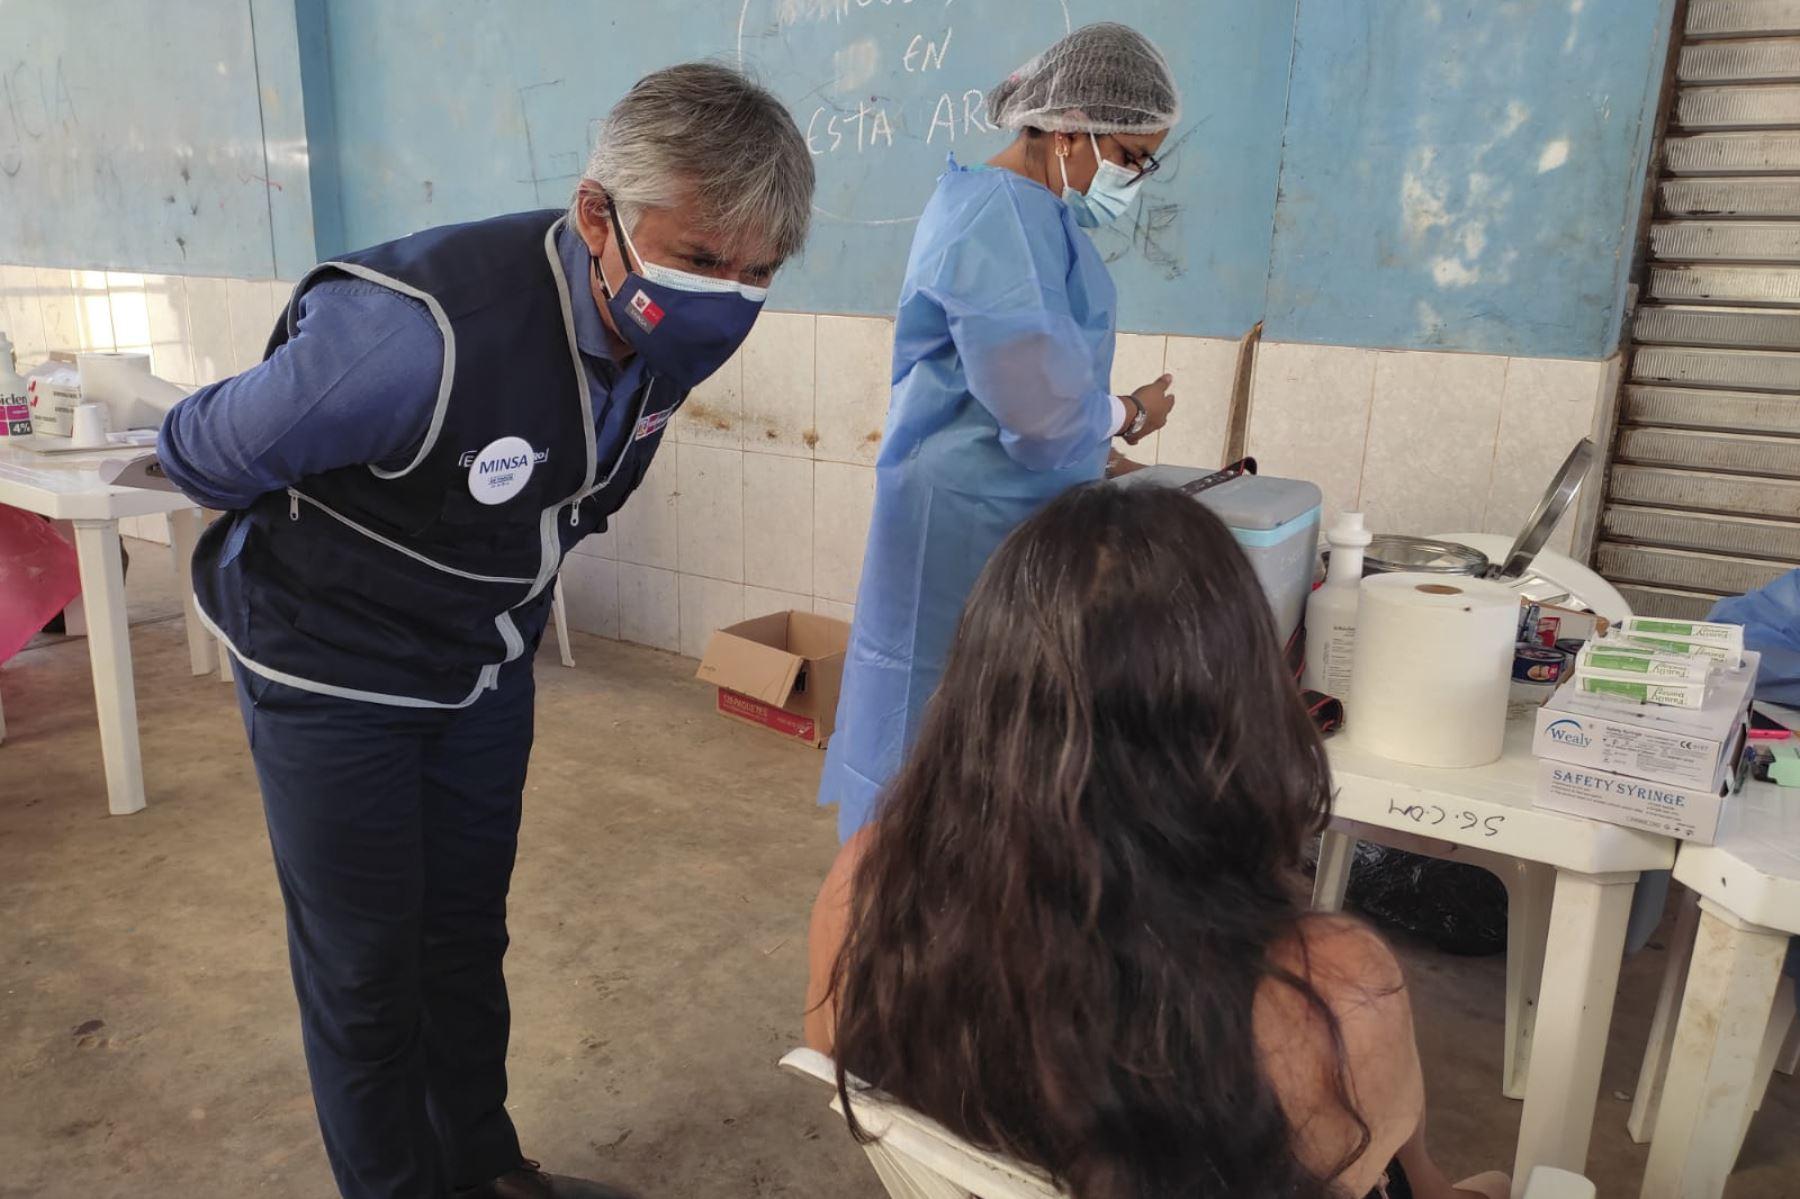 El Ministerio de Salud realiza una jornada de vacunación en los principales mercados de Pucallpa bajo la supervisión del viceministro de Prestaciones y Aseguramiento en Salud del Minsa, Bernardo Ostos Jara. Este domingo se tiene previsto aplicar 3000 dosis de vacunas contra la covid-19. Foto: Minsa